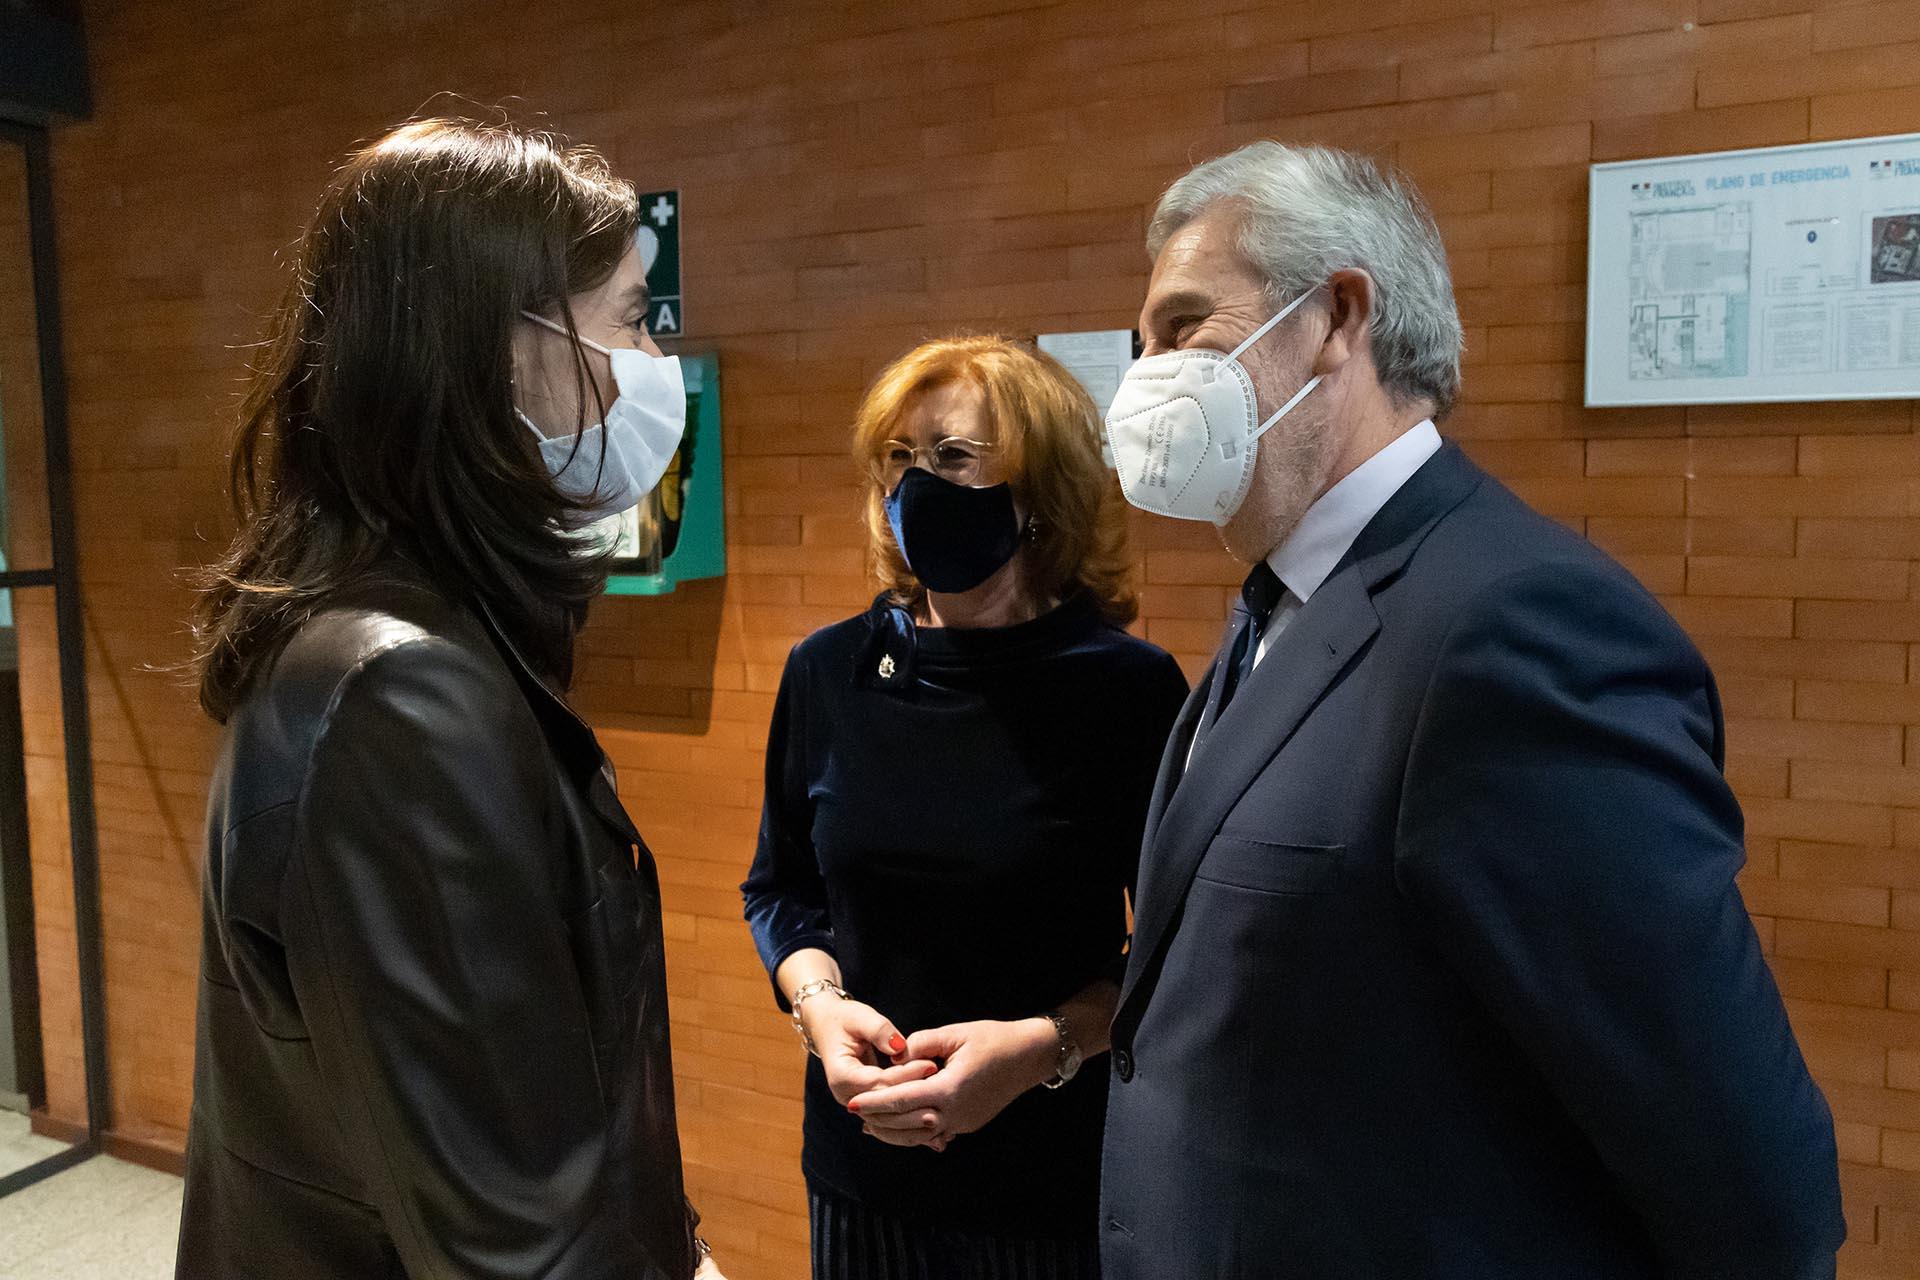 Patricia Rosety y Agustín Zurita, presidenta y vicepresidente de ACIJUR, reciben a la ministra de Justicia Pilar Llop.